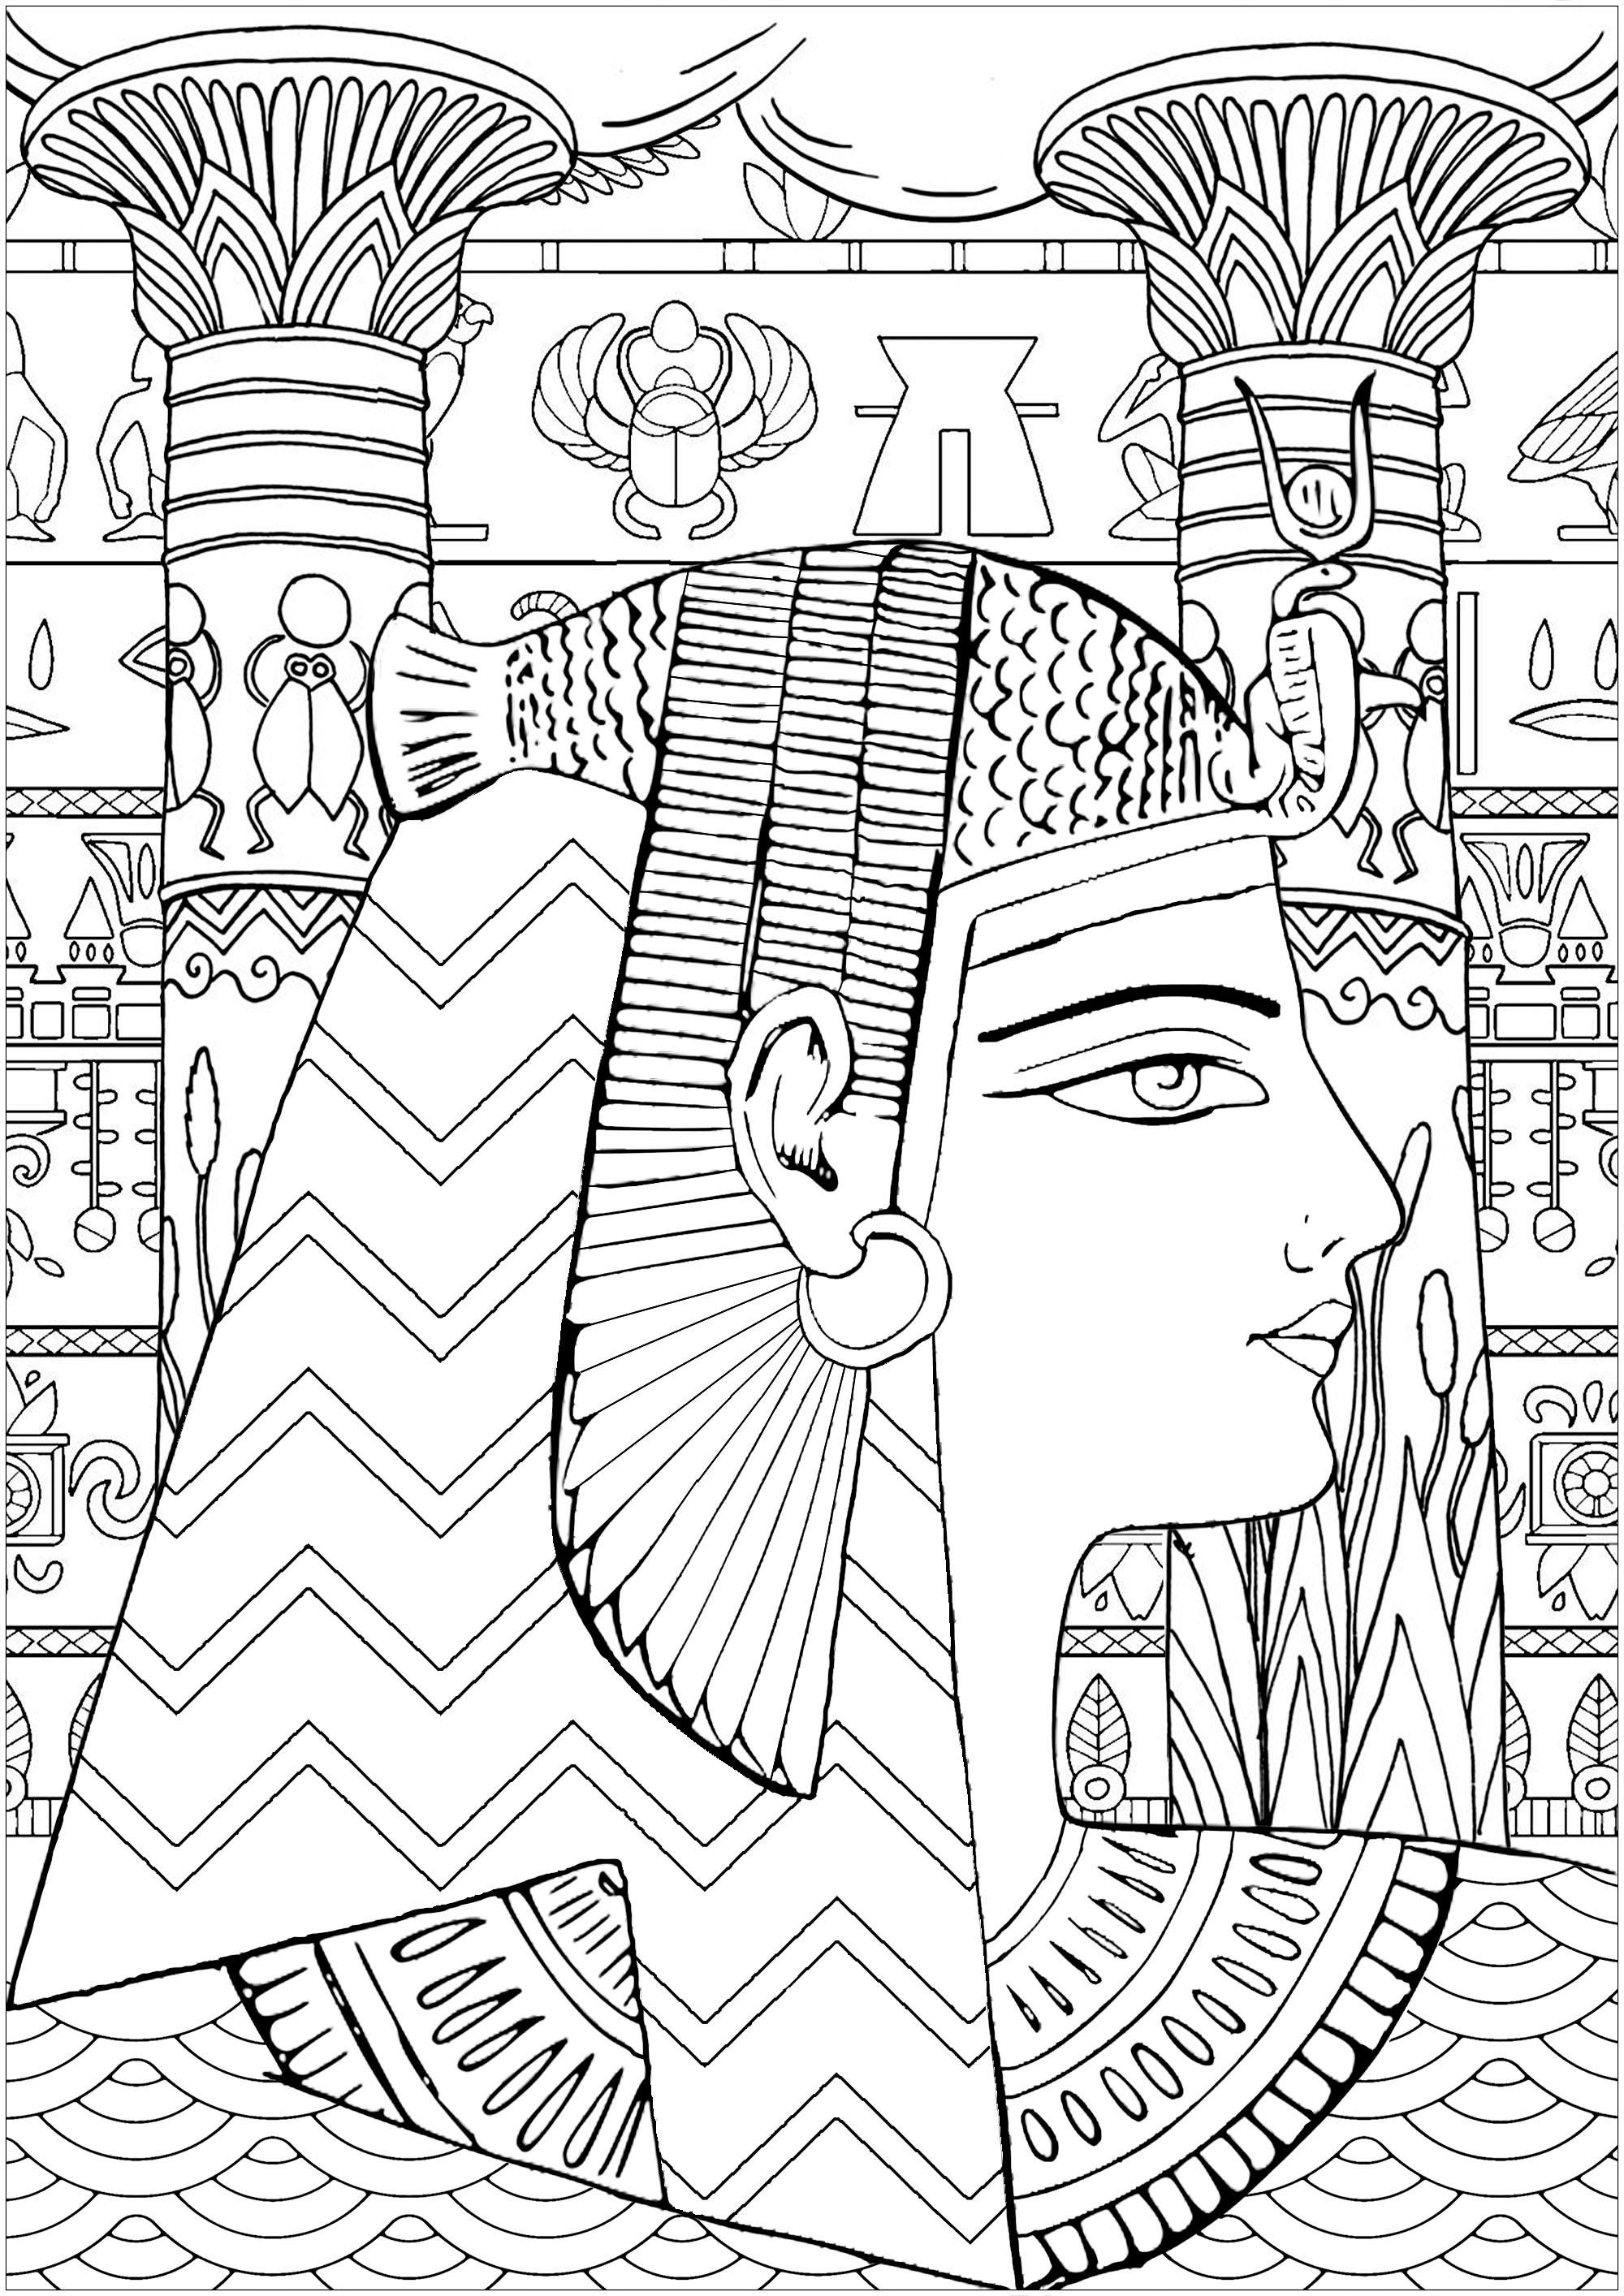 Disegni da Colorare per Adulti : Egitto & Geroglifici - 2